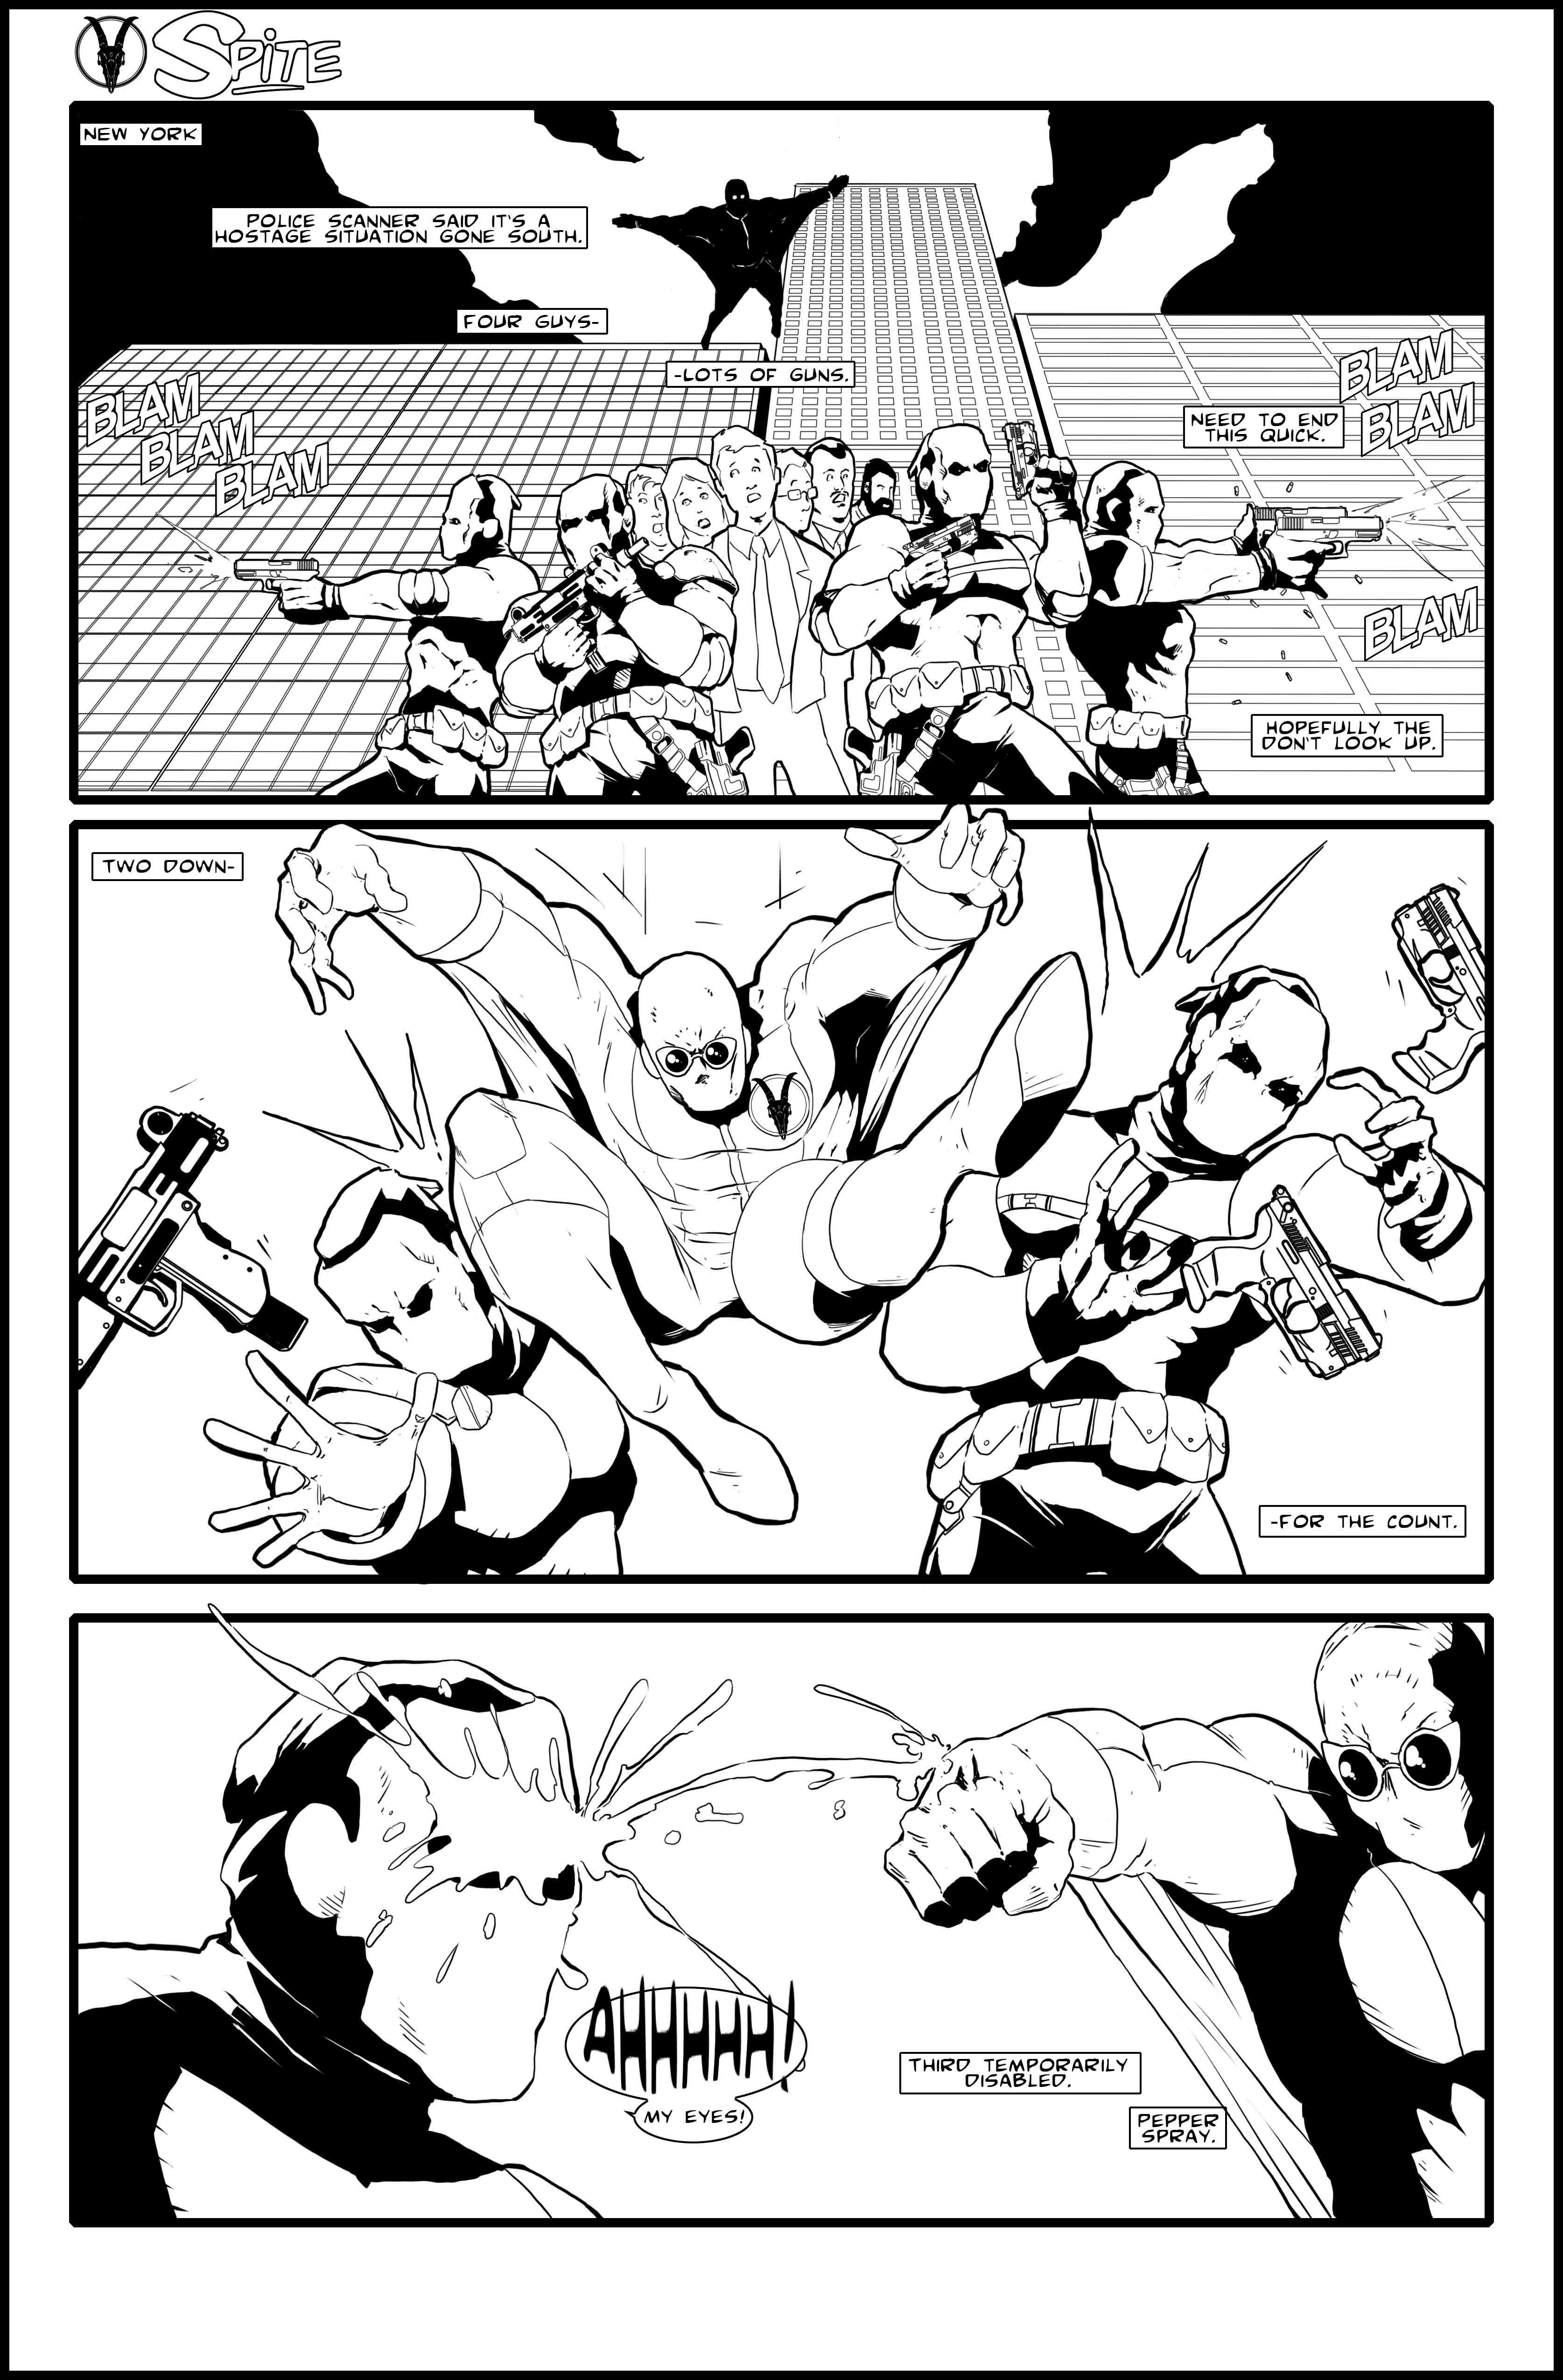 Spite (issue 1, page 1)